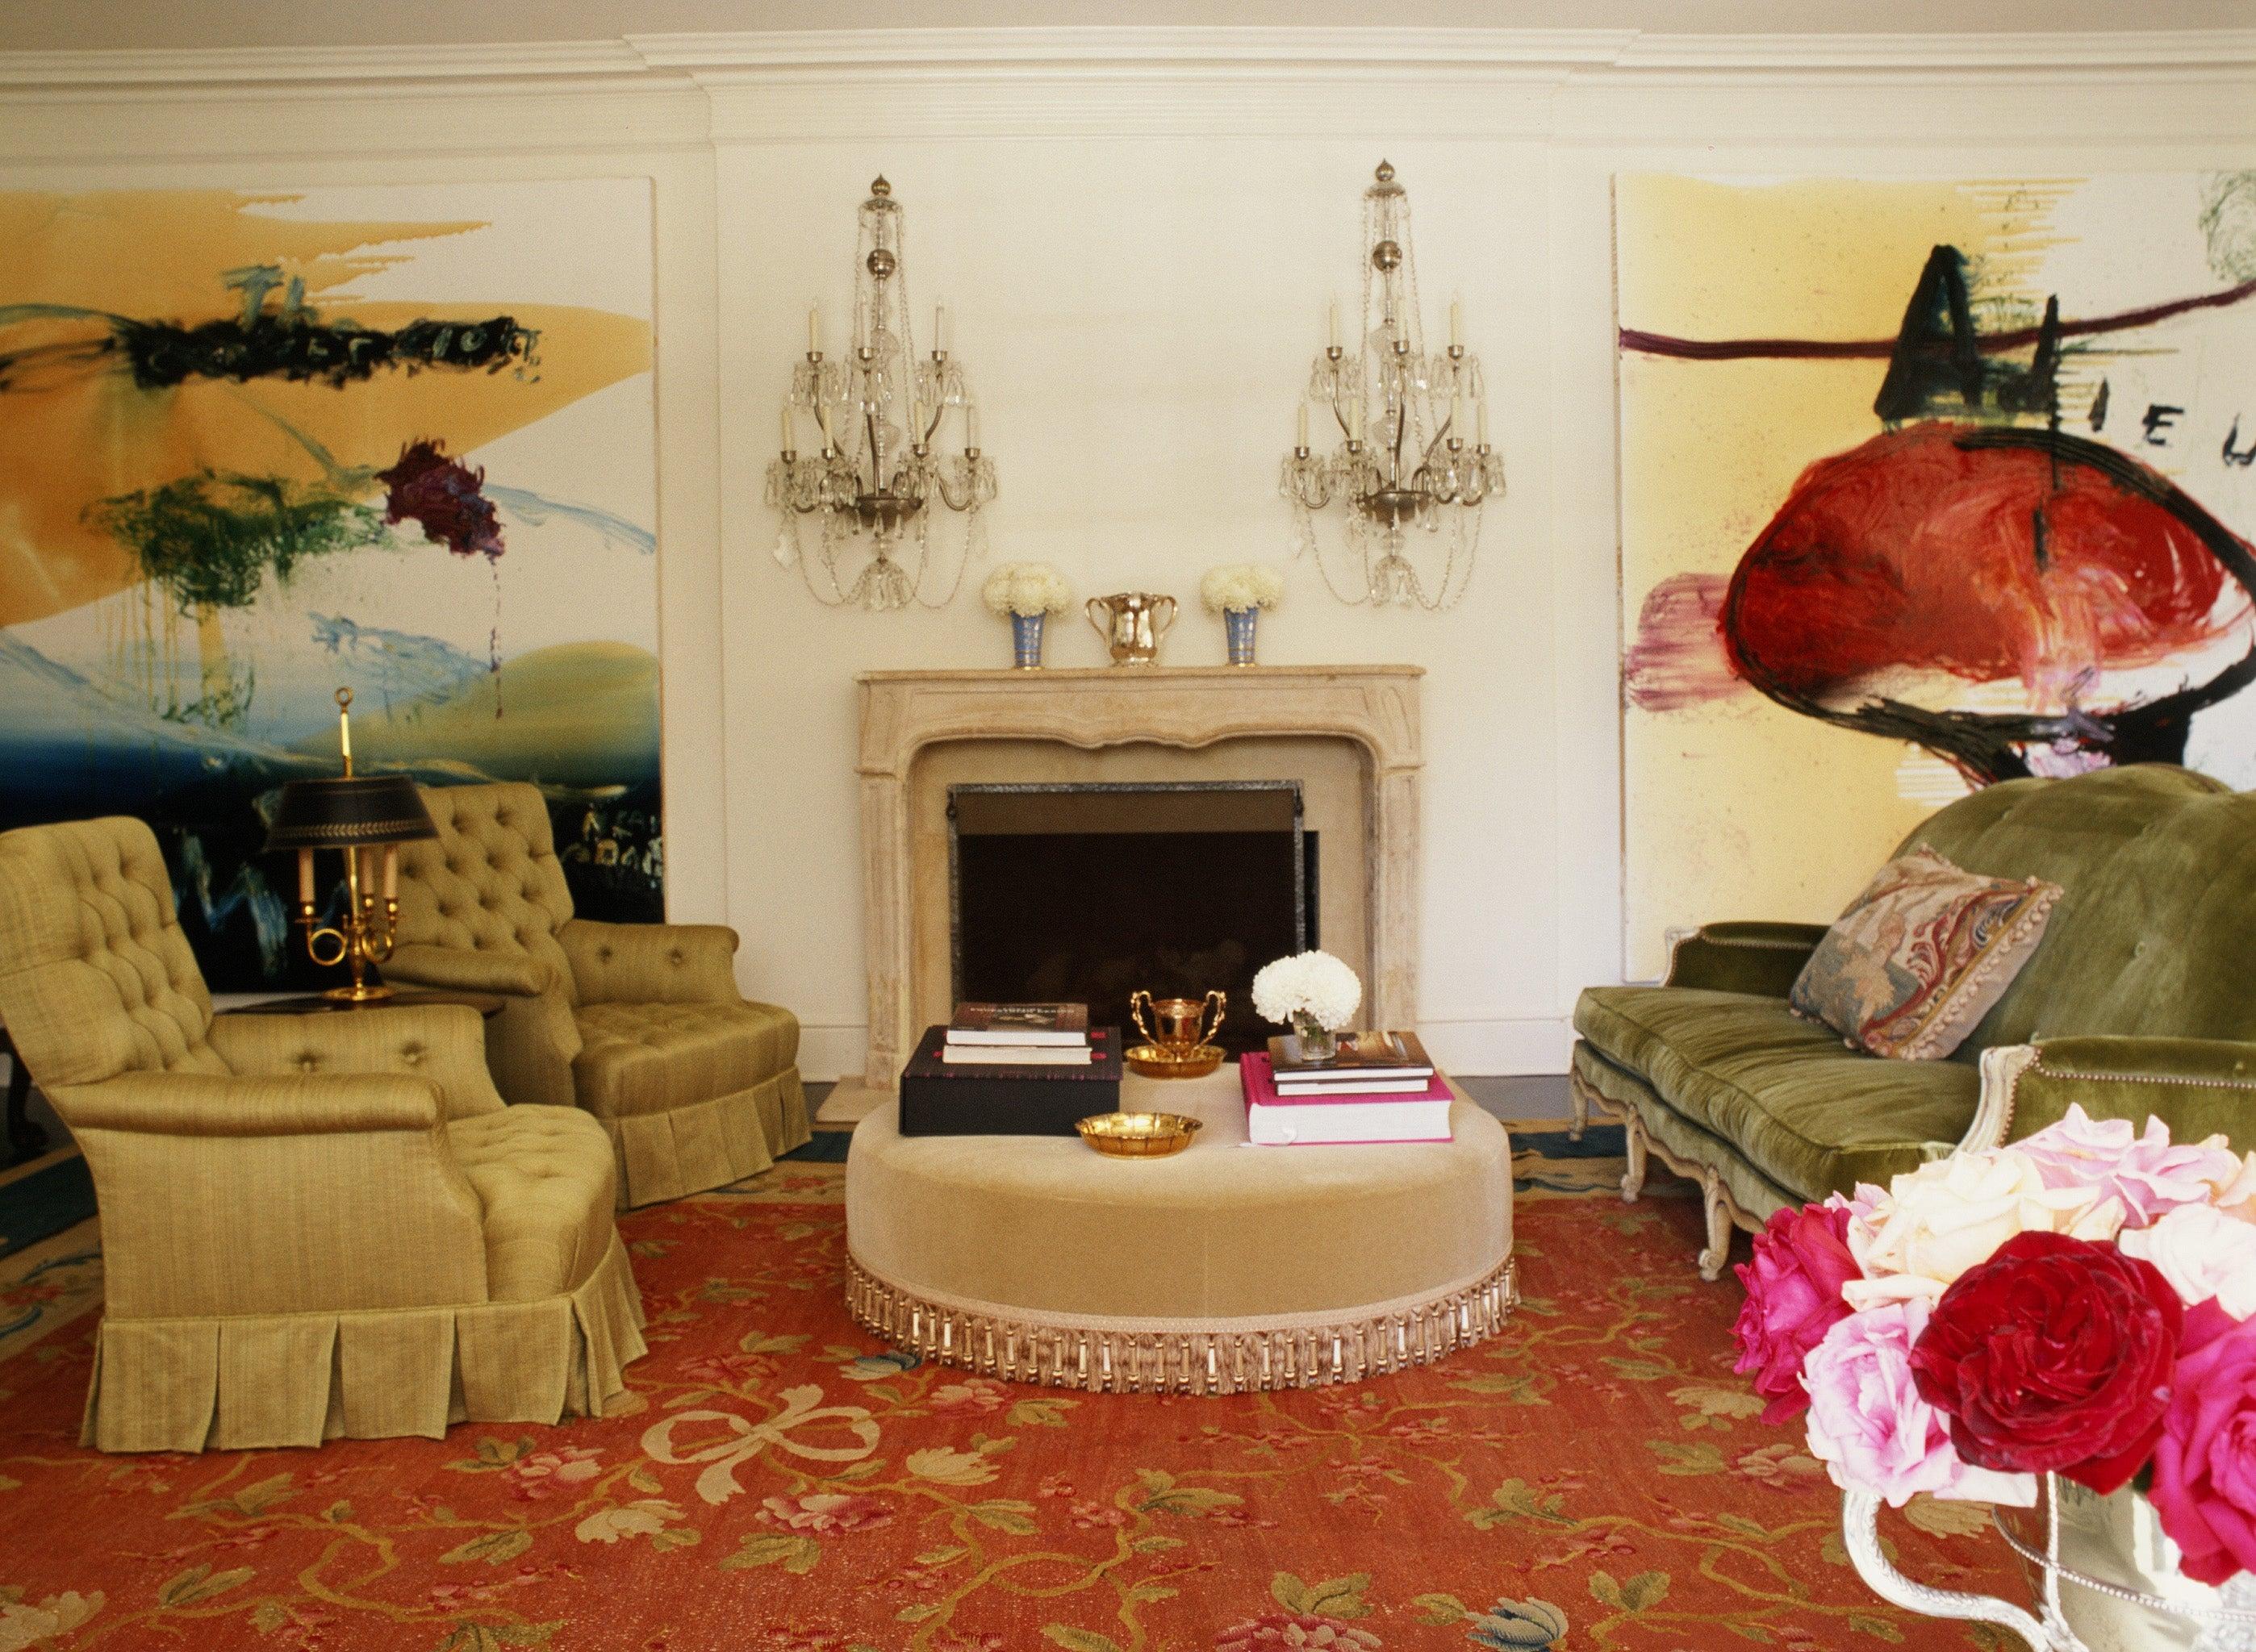 Peterdunham Beverly Hills Fashion Designer By Peter Dunham Design